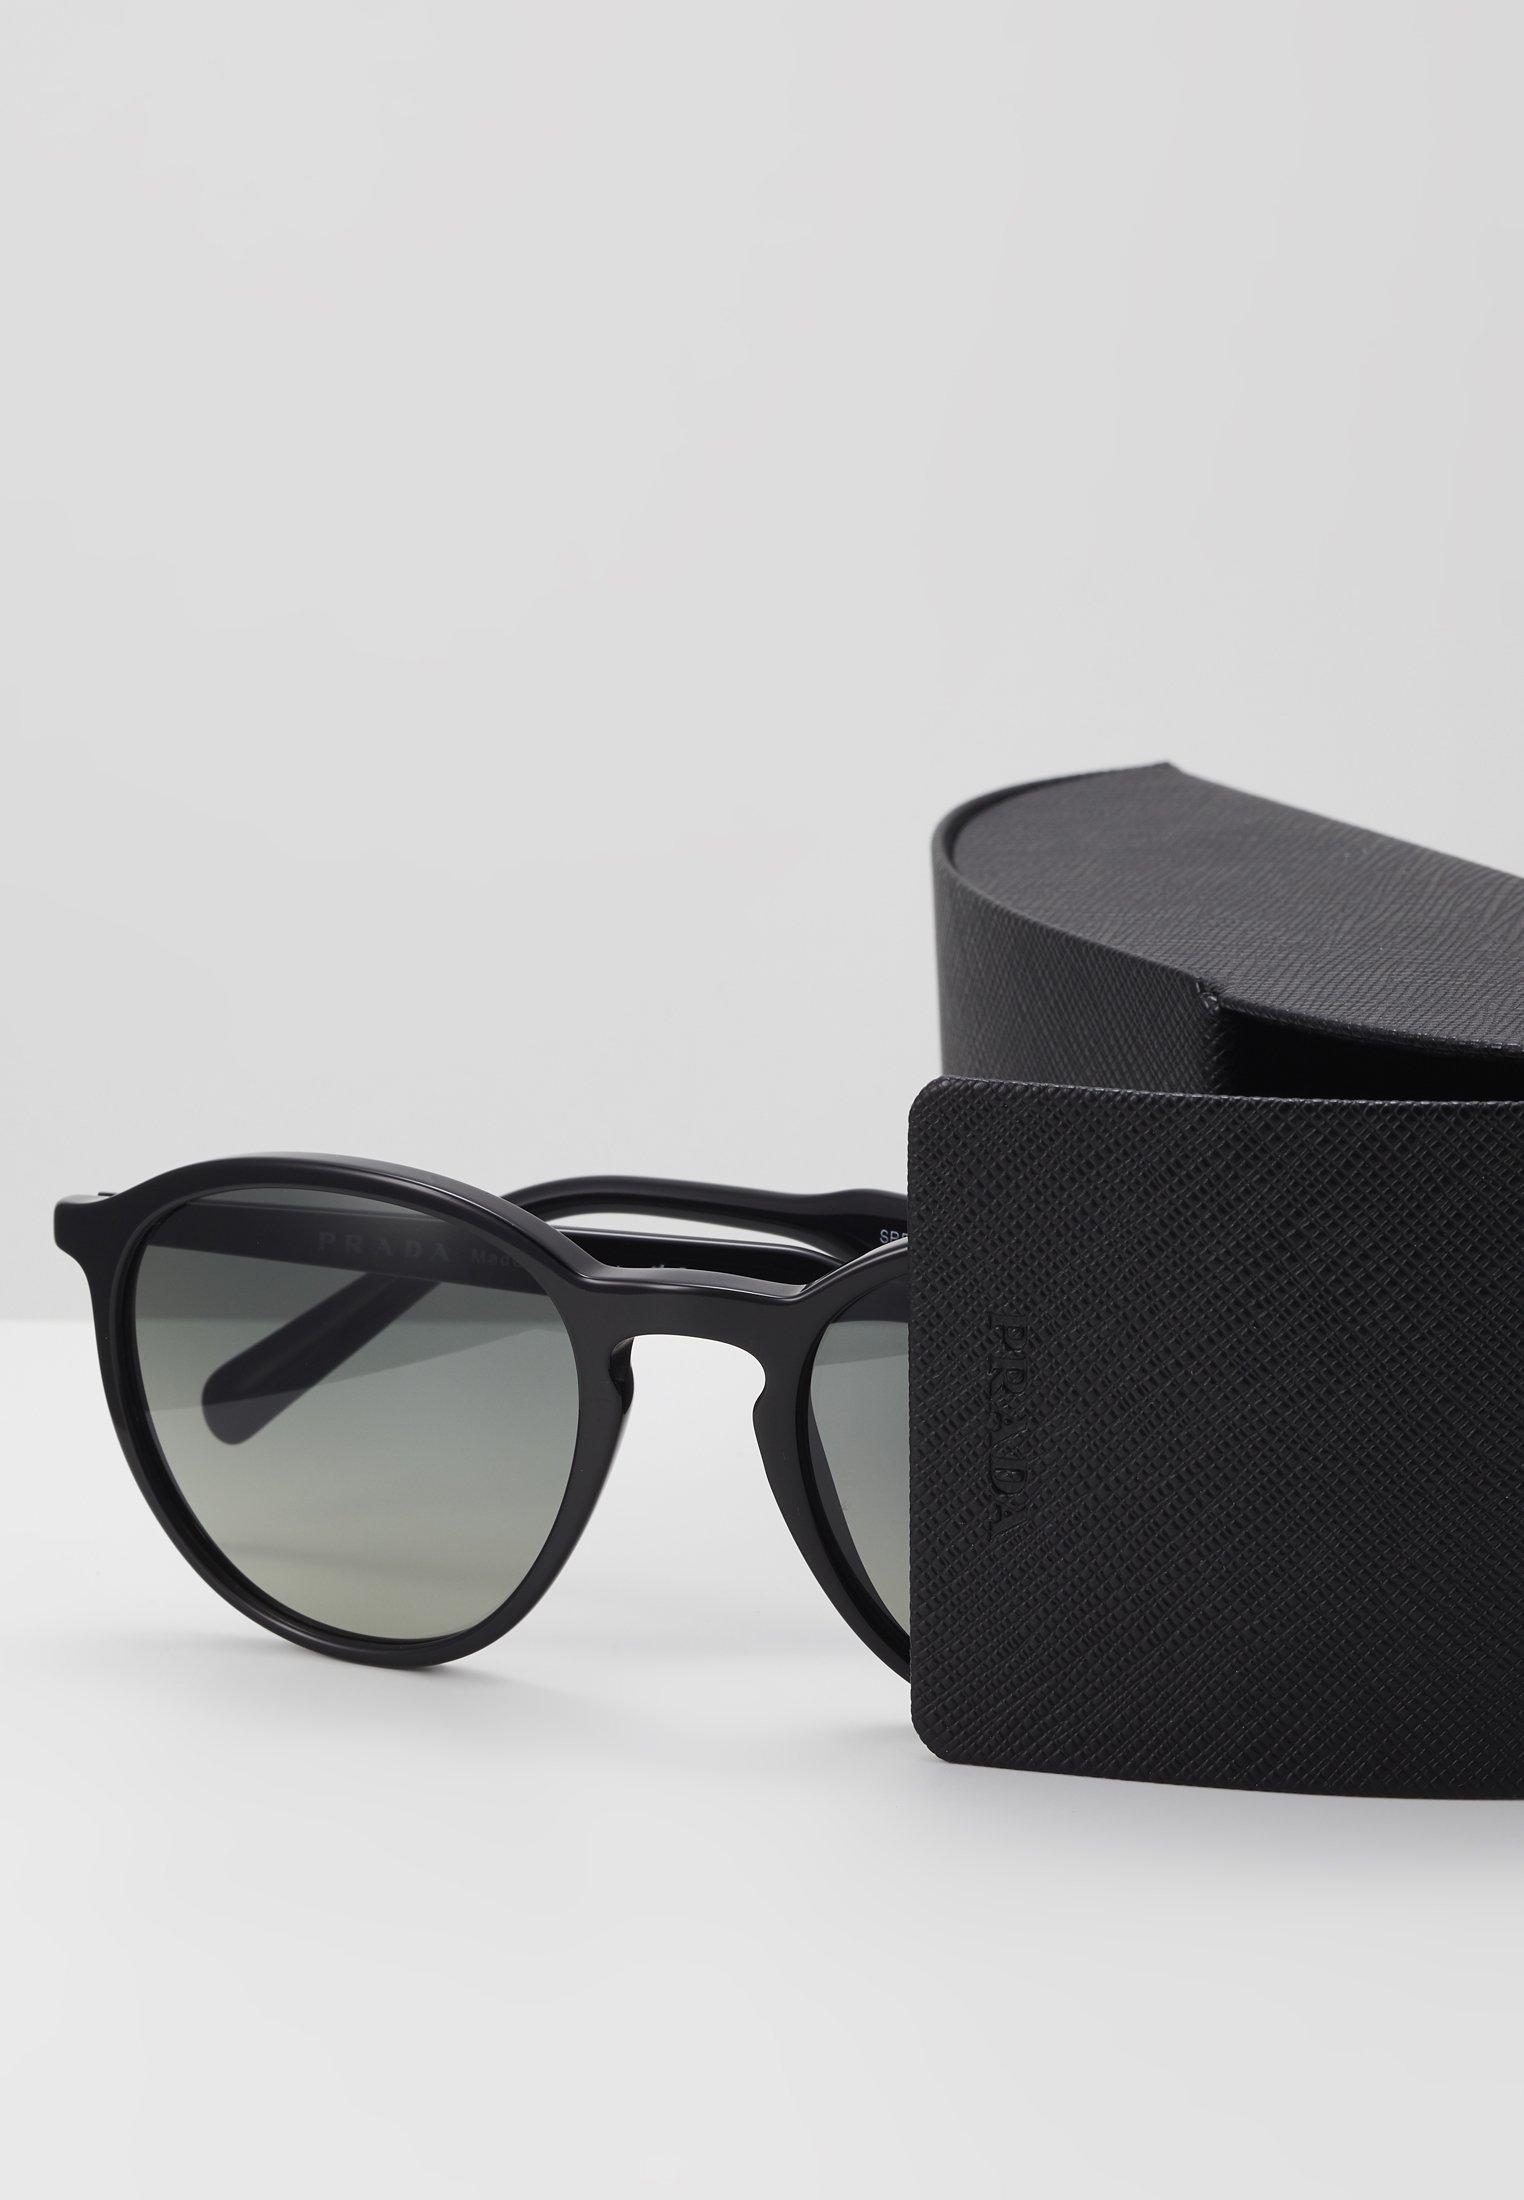 Prada Solbriller - black/svart 0VHCae2zwUeRr81